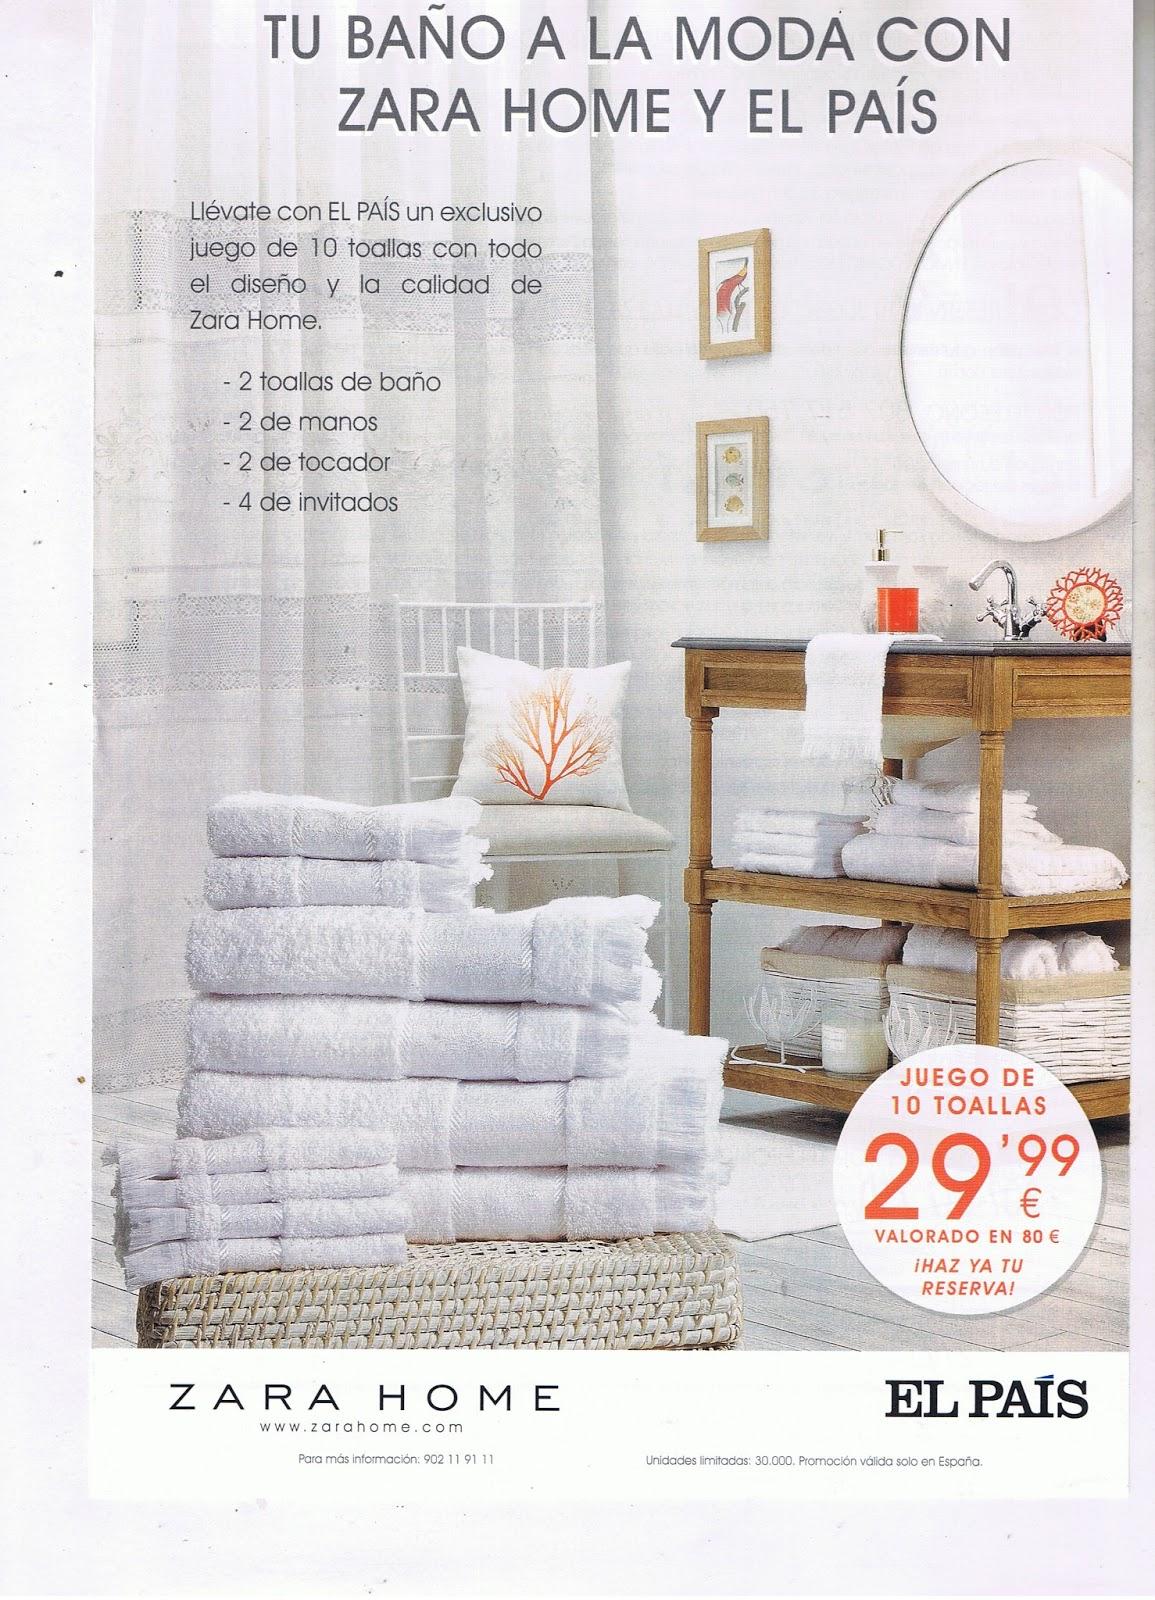 Vendedores de prensa y revistas ciudad de sevilla for Zara home toallas bano